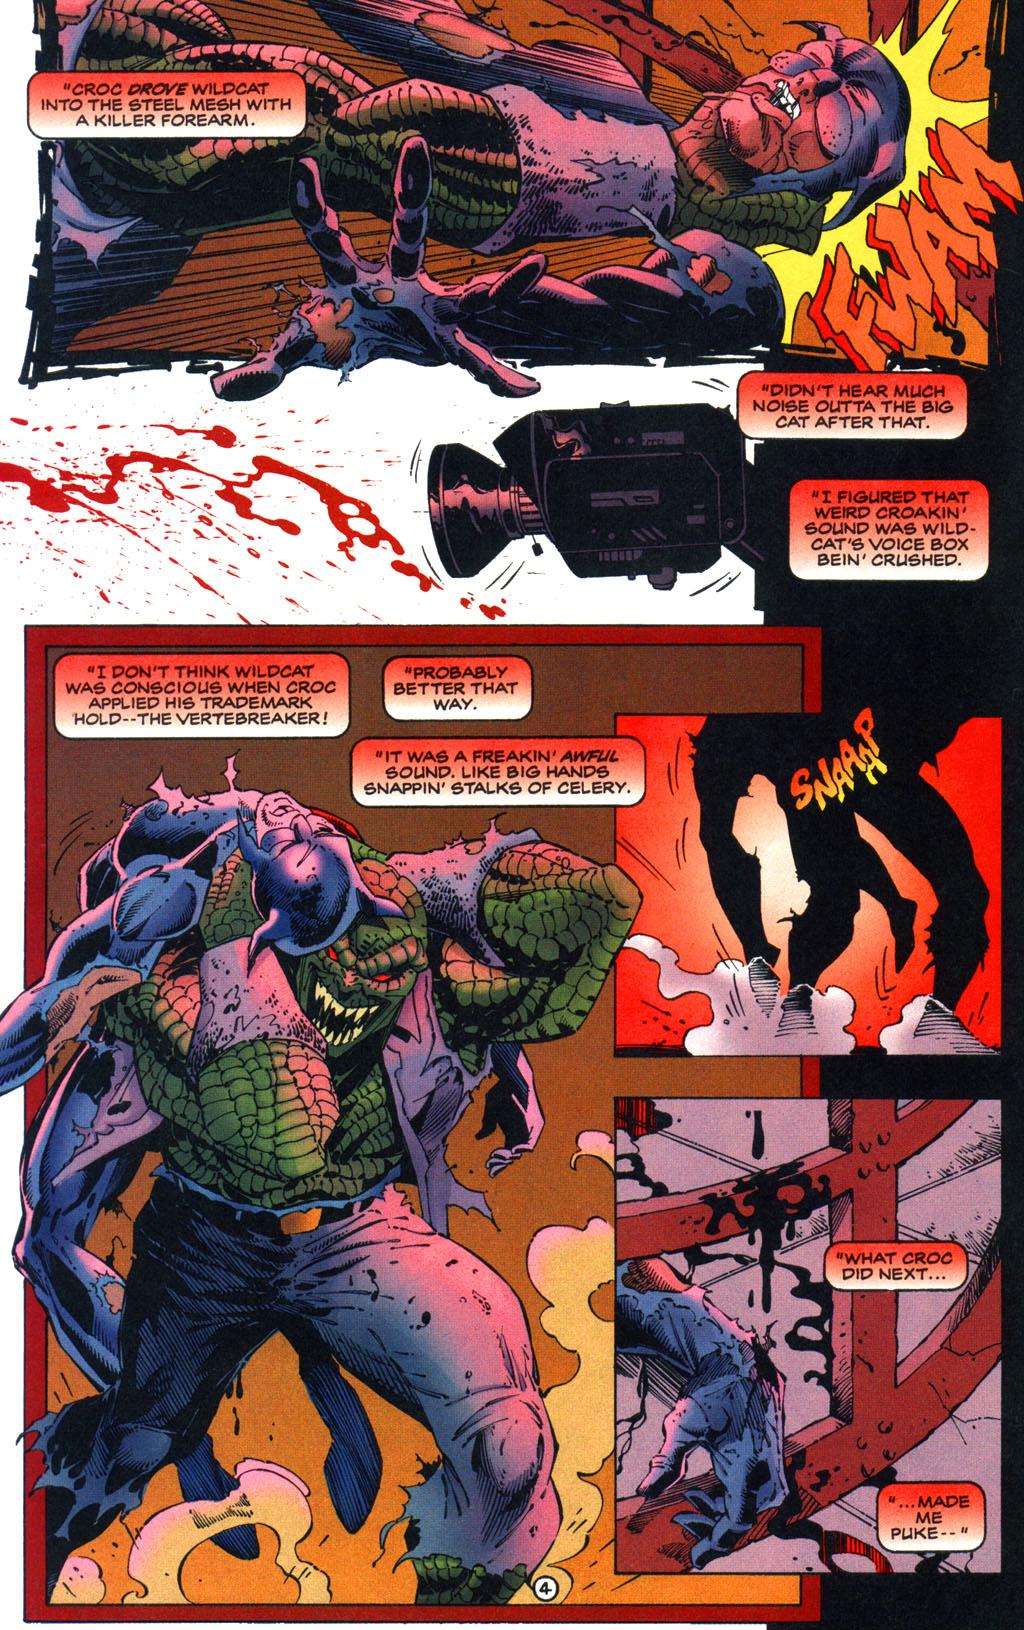 Read online Batman/Wildcat comic -  Issue #1 - 4